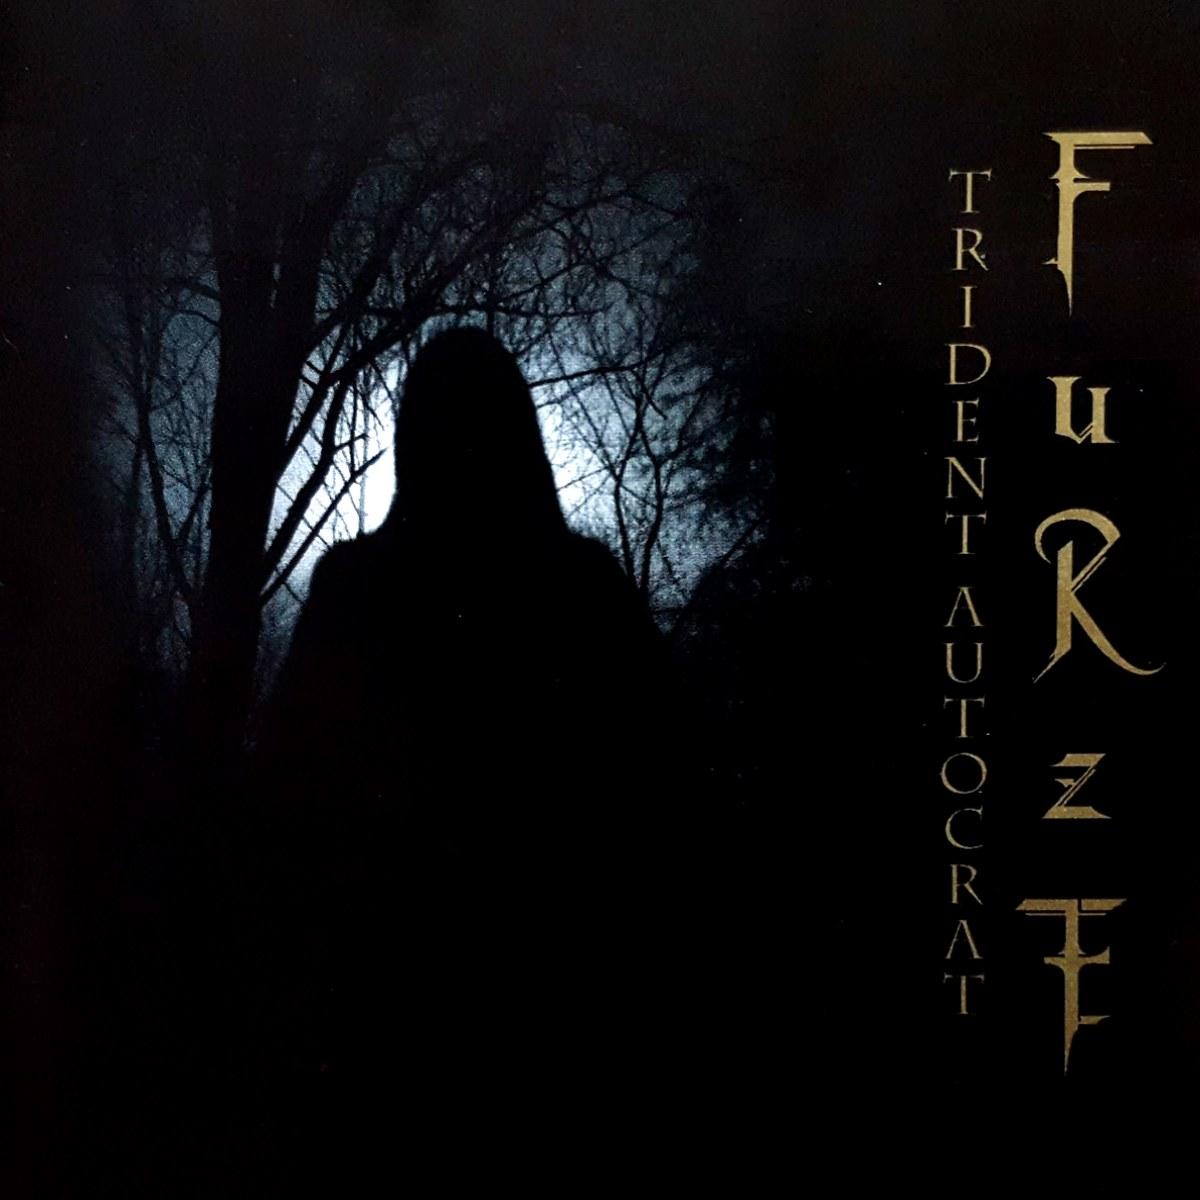 Review for Furze - Trident Autocrat